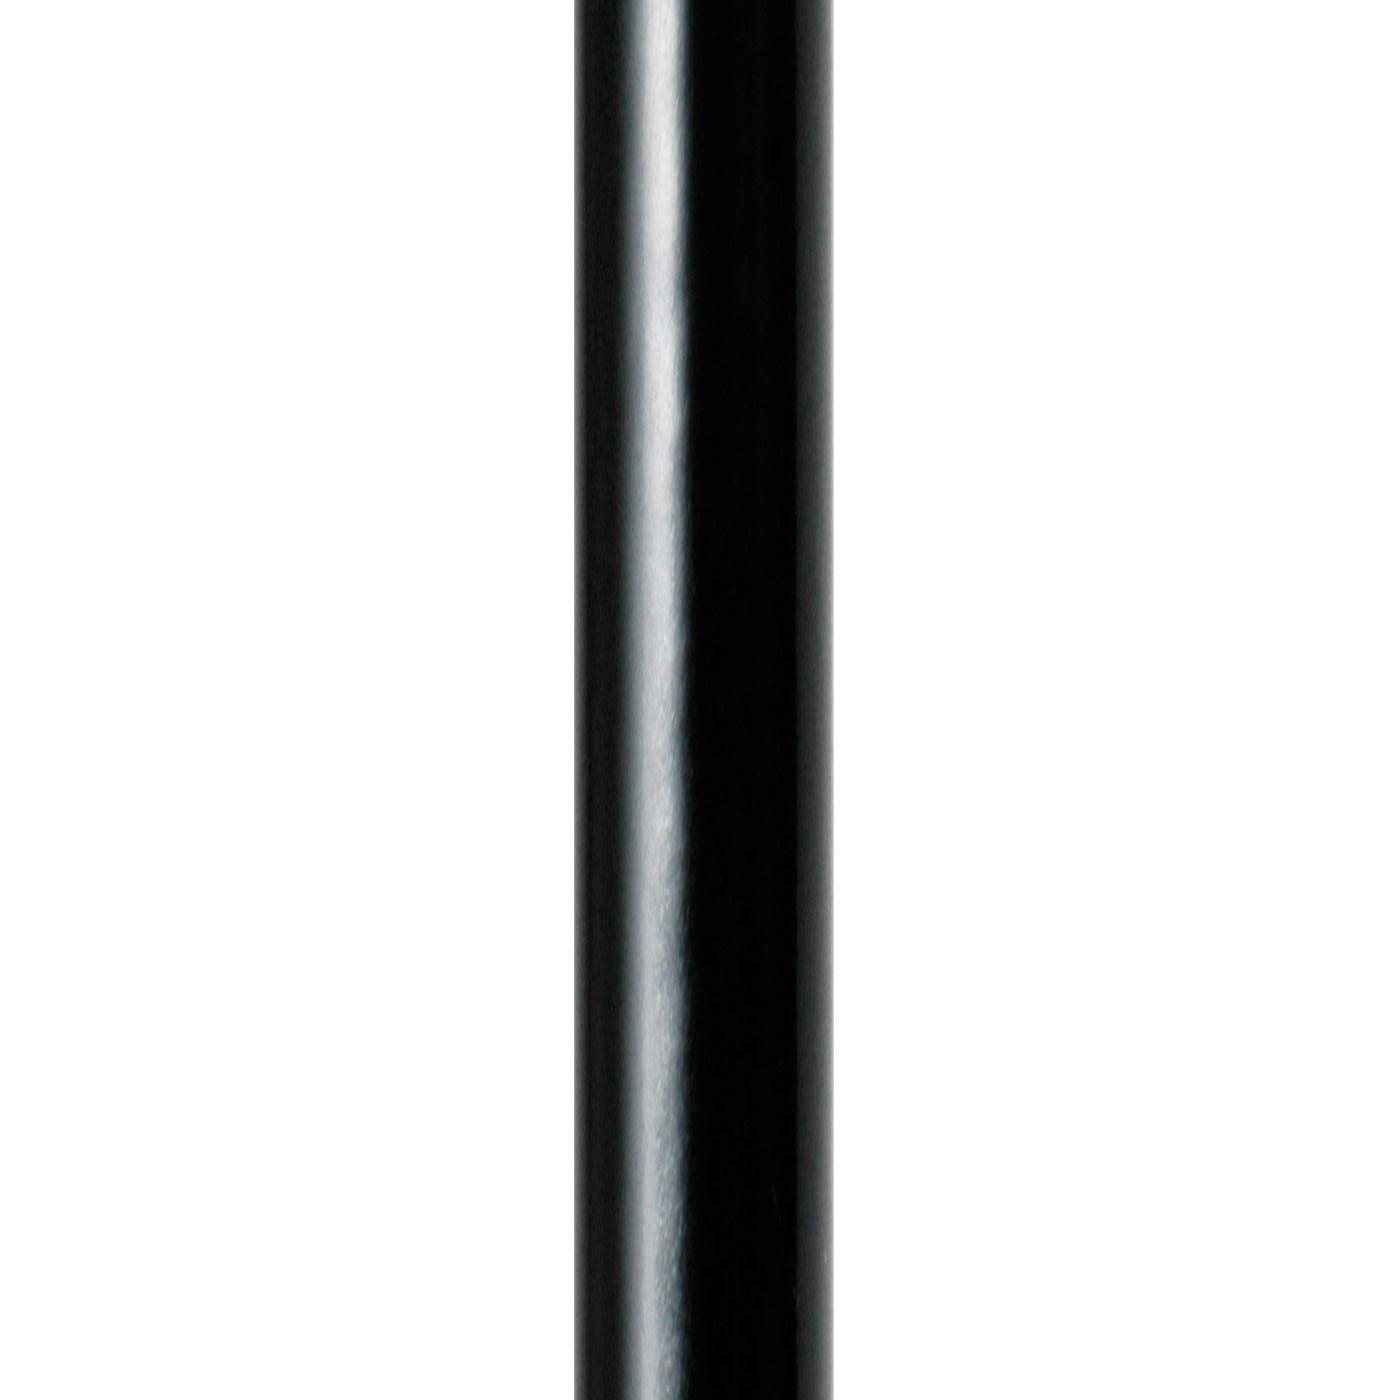 Bolich Bonn I Pendelleuchte, 16 cm, Pendelrohrabhängung, Höhe 1 m